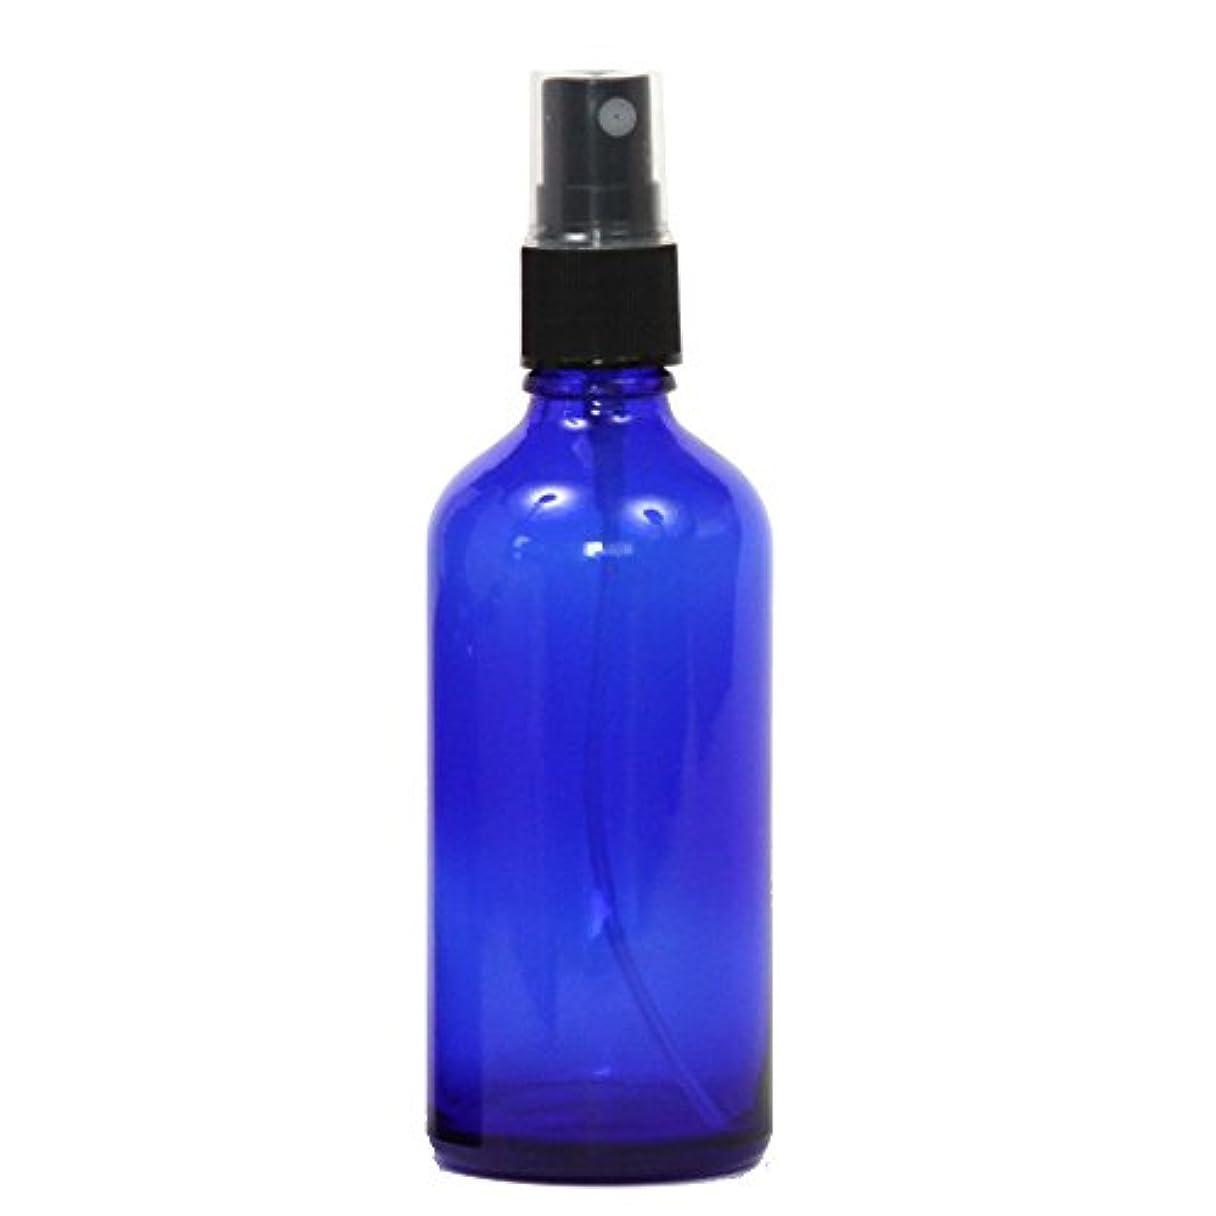 フェード惨めなどっちスプレーボトル ガラス瓶 100mL 【コバルト 青色】 遮光性 ブルーガラスアトマイザー 空容器bu100g